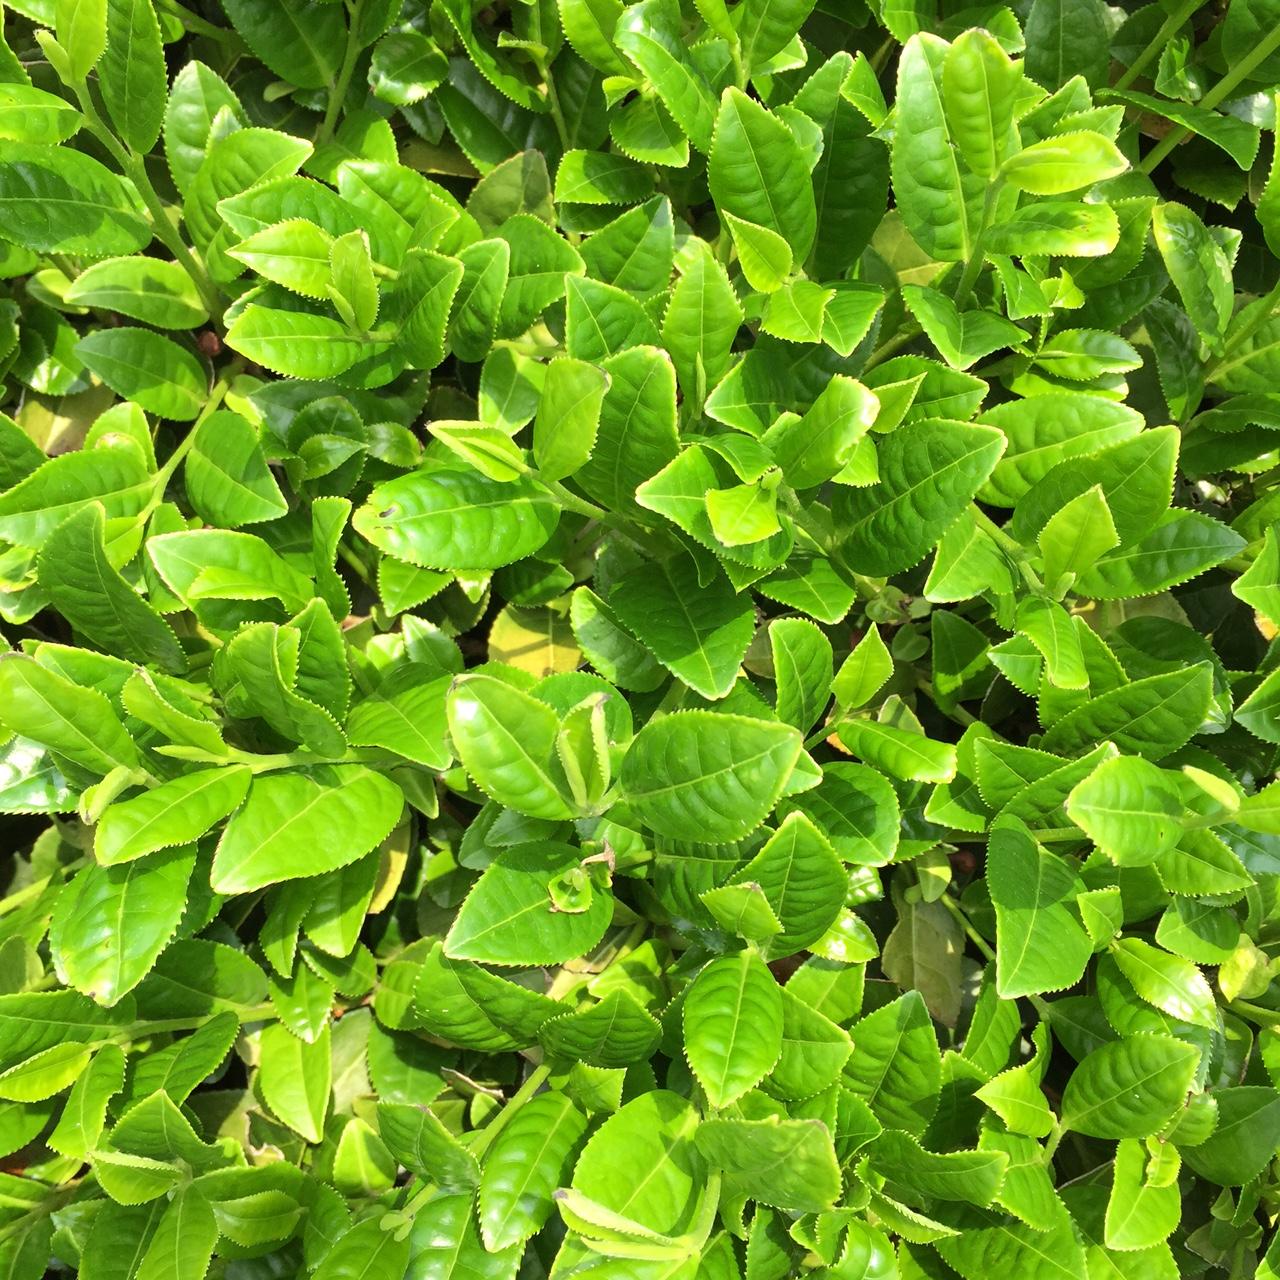 2017年4月22日かごしま緑茶の茶園風景です。早生品種ゆたかみどりです。緑が濃くなってきました!。